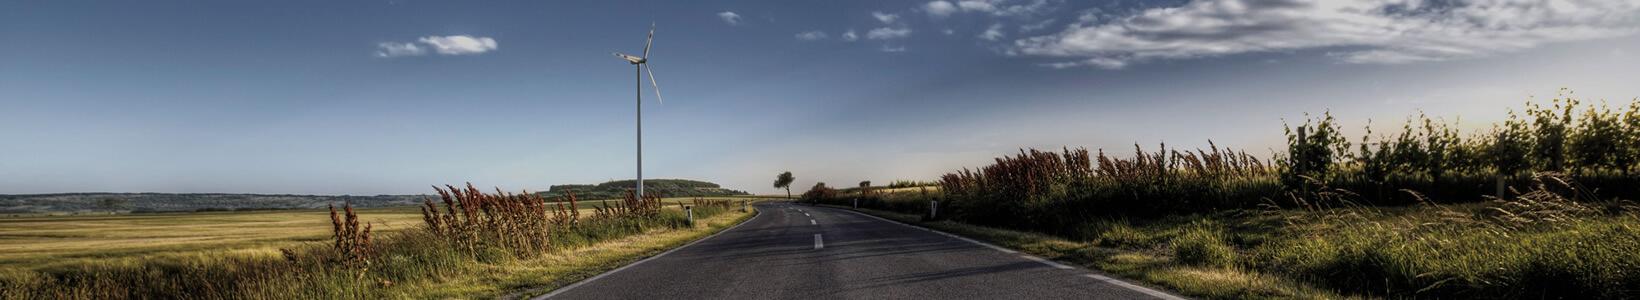 Subaru landscape